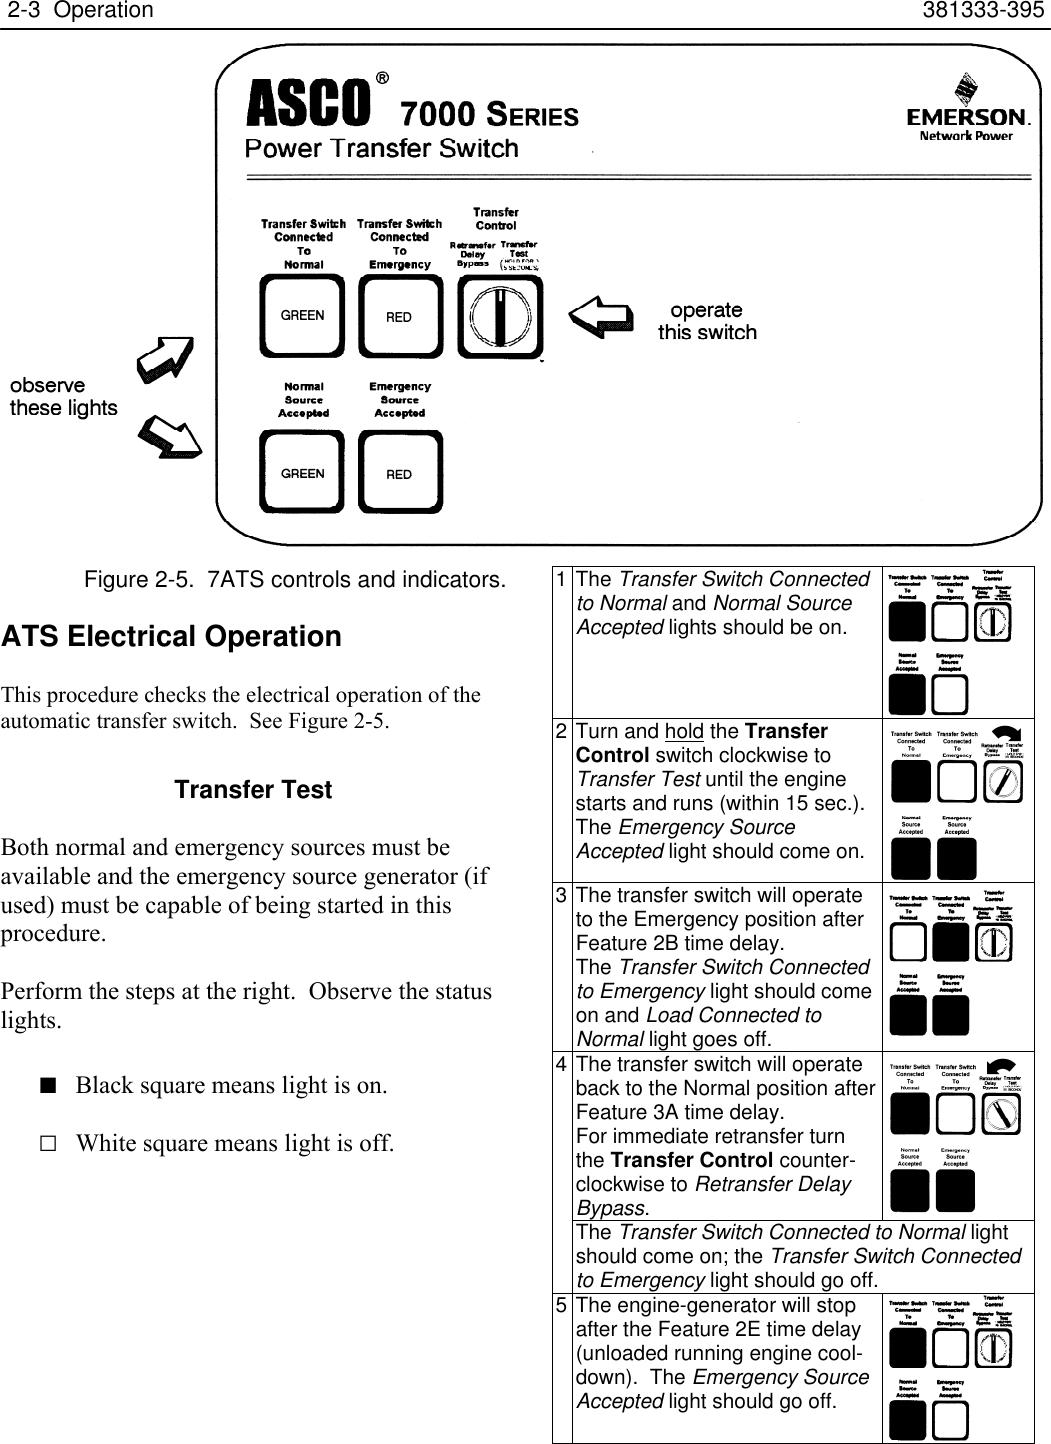 Manual Transfer Manual Guide